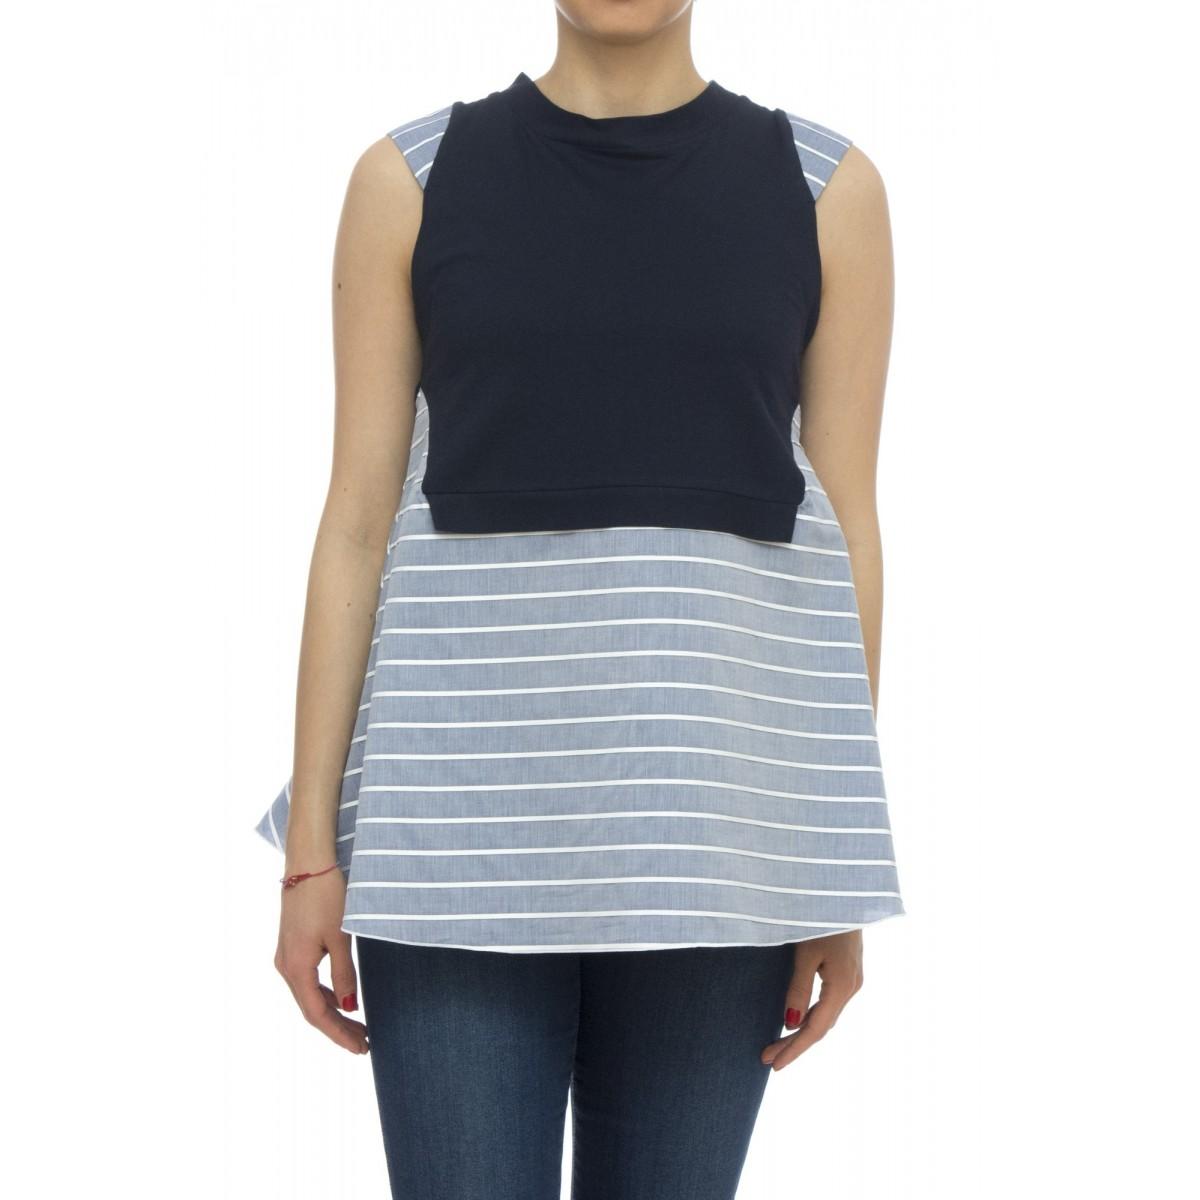 Camicia - Azzurra 25924 senza maniche